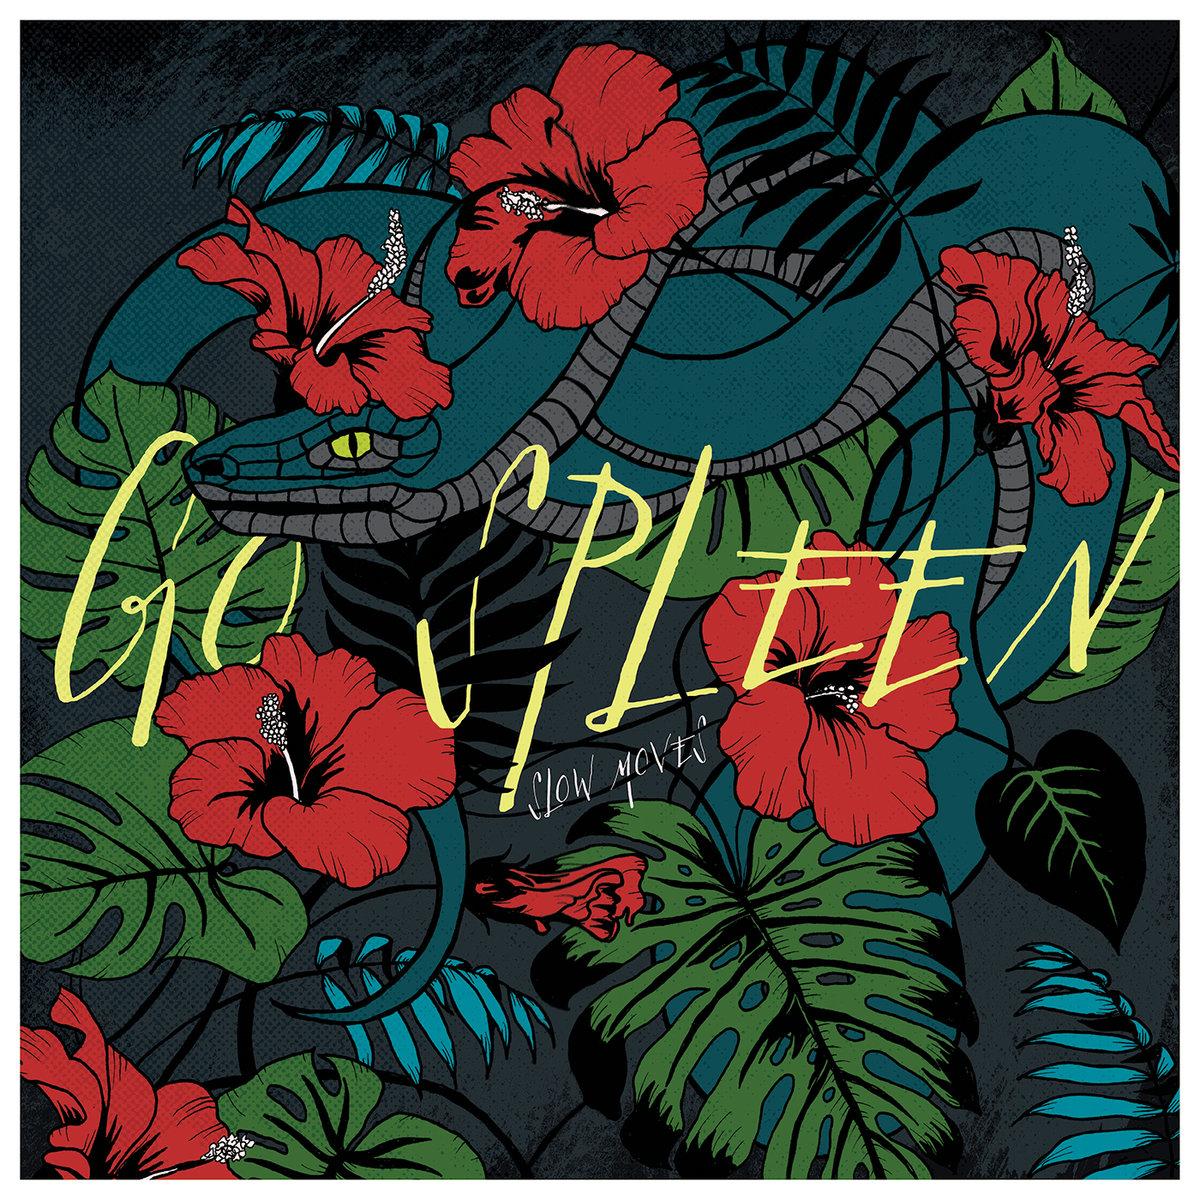 Go Spleen / Slow Moves -